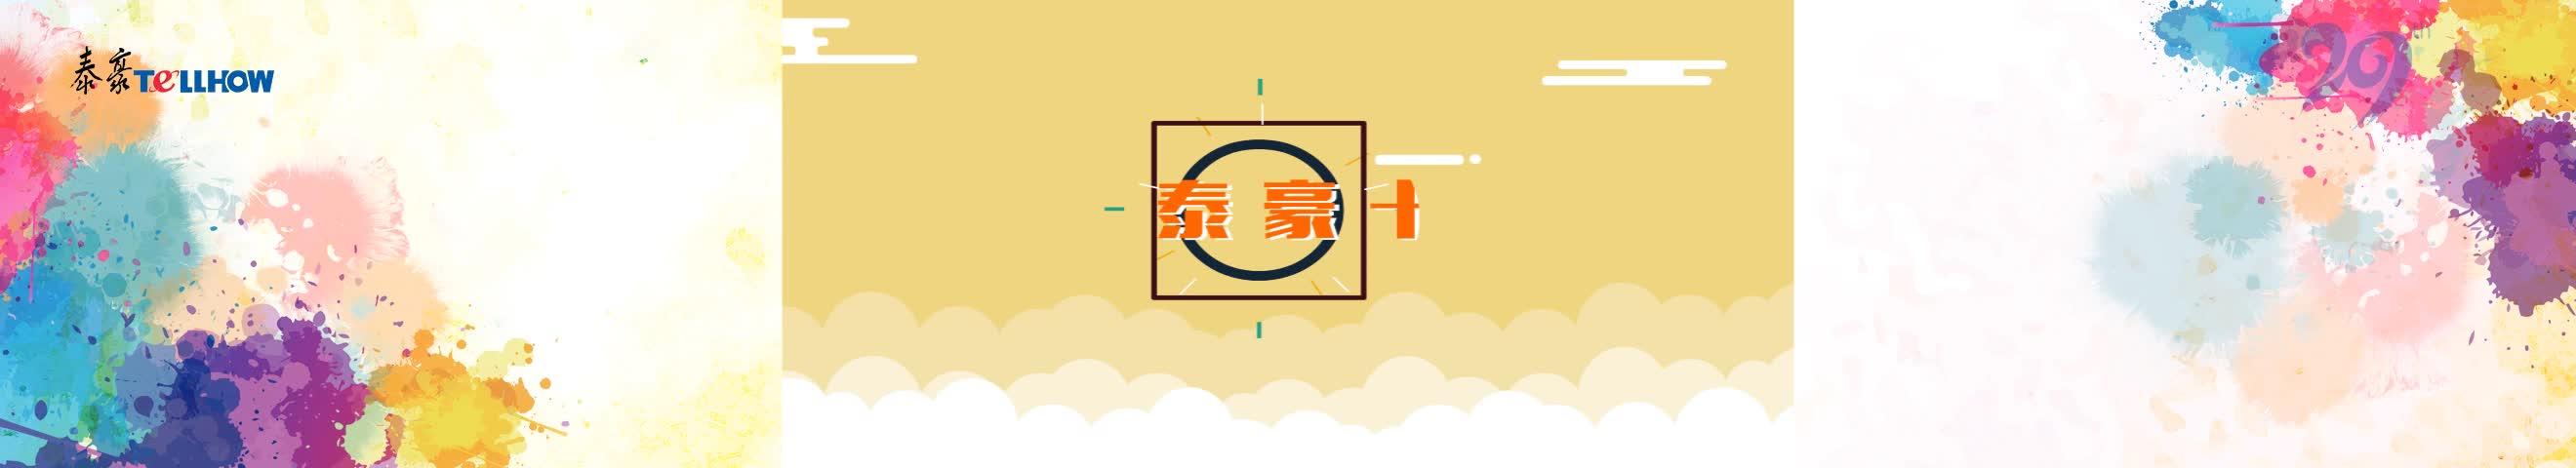 泰豪集团十大新闻MG动画